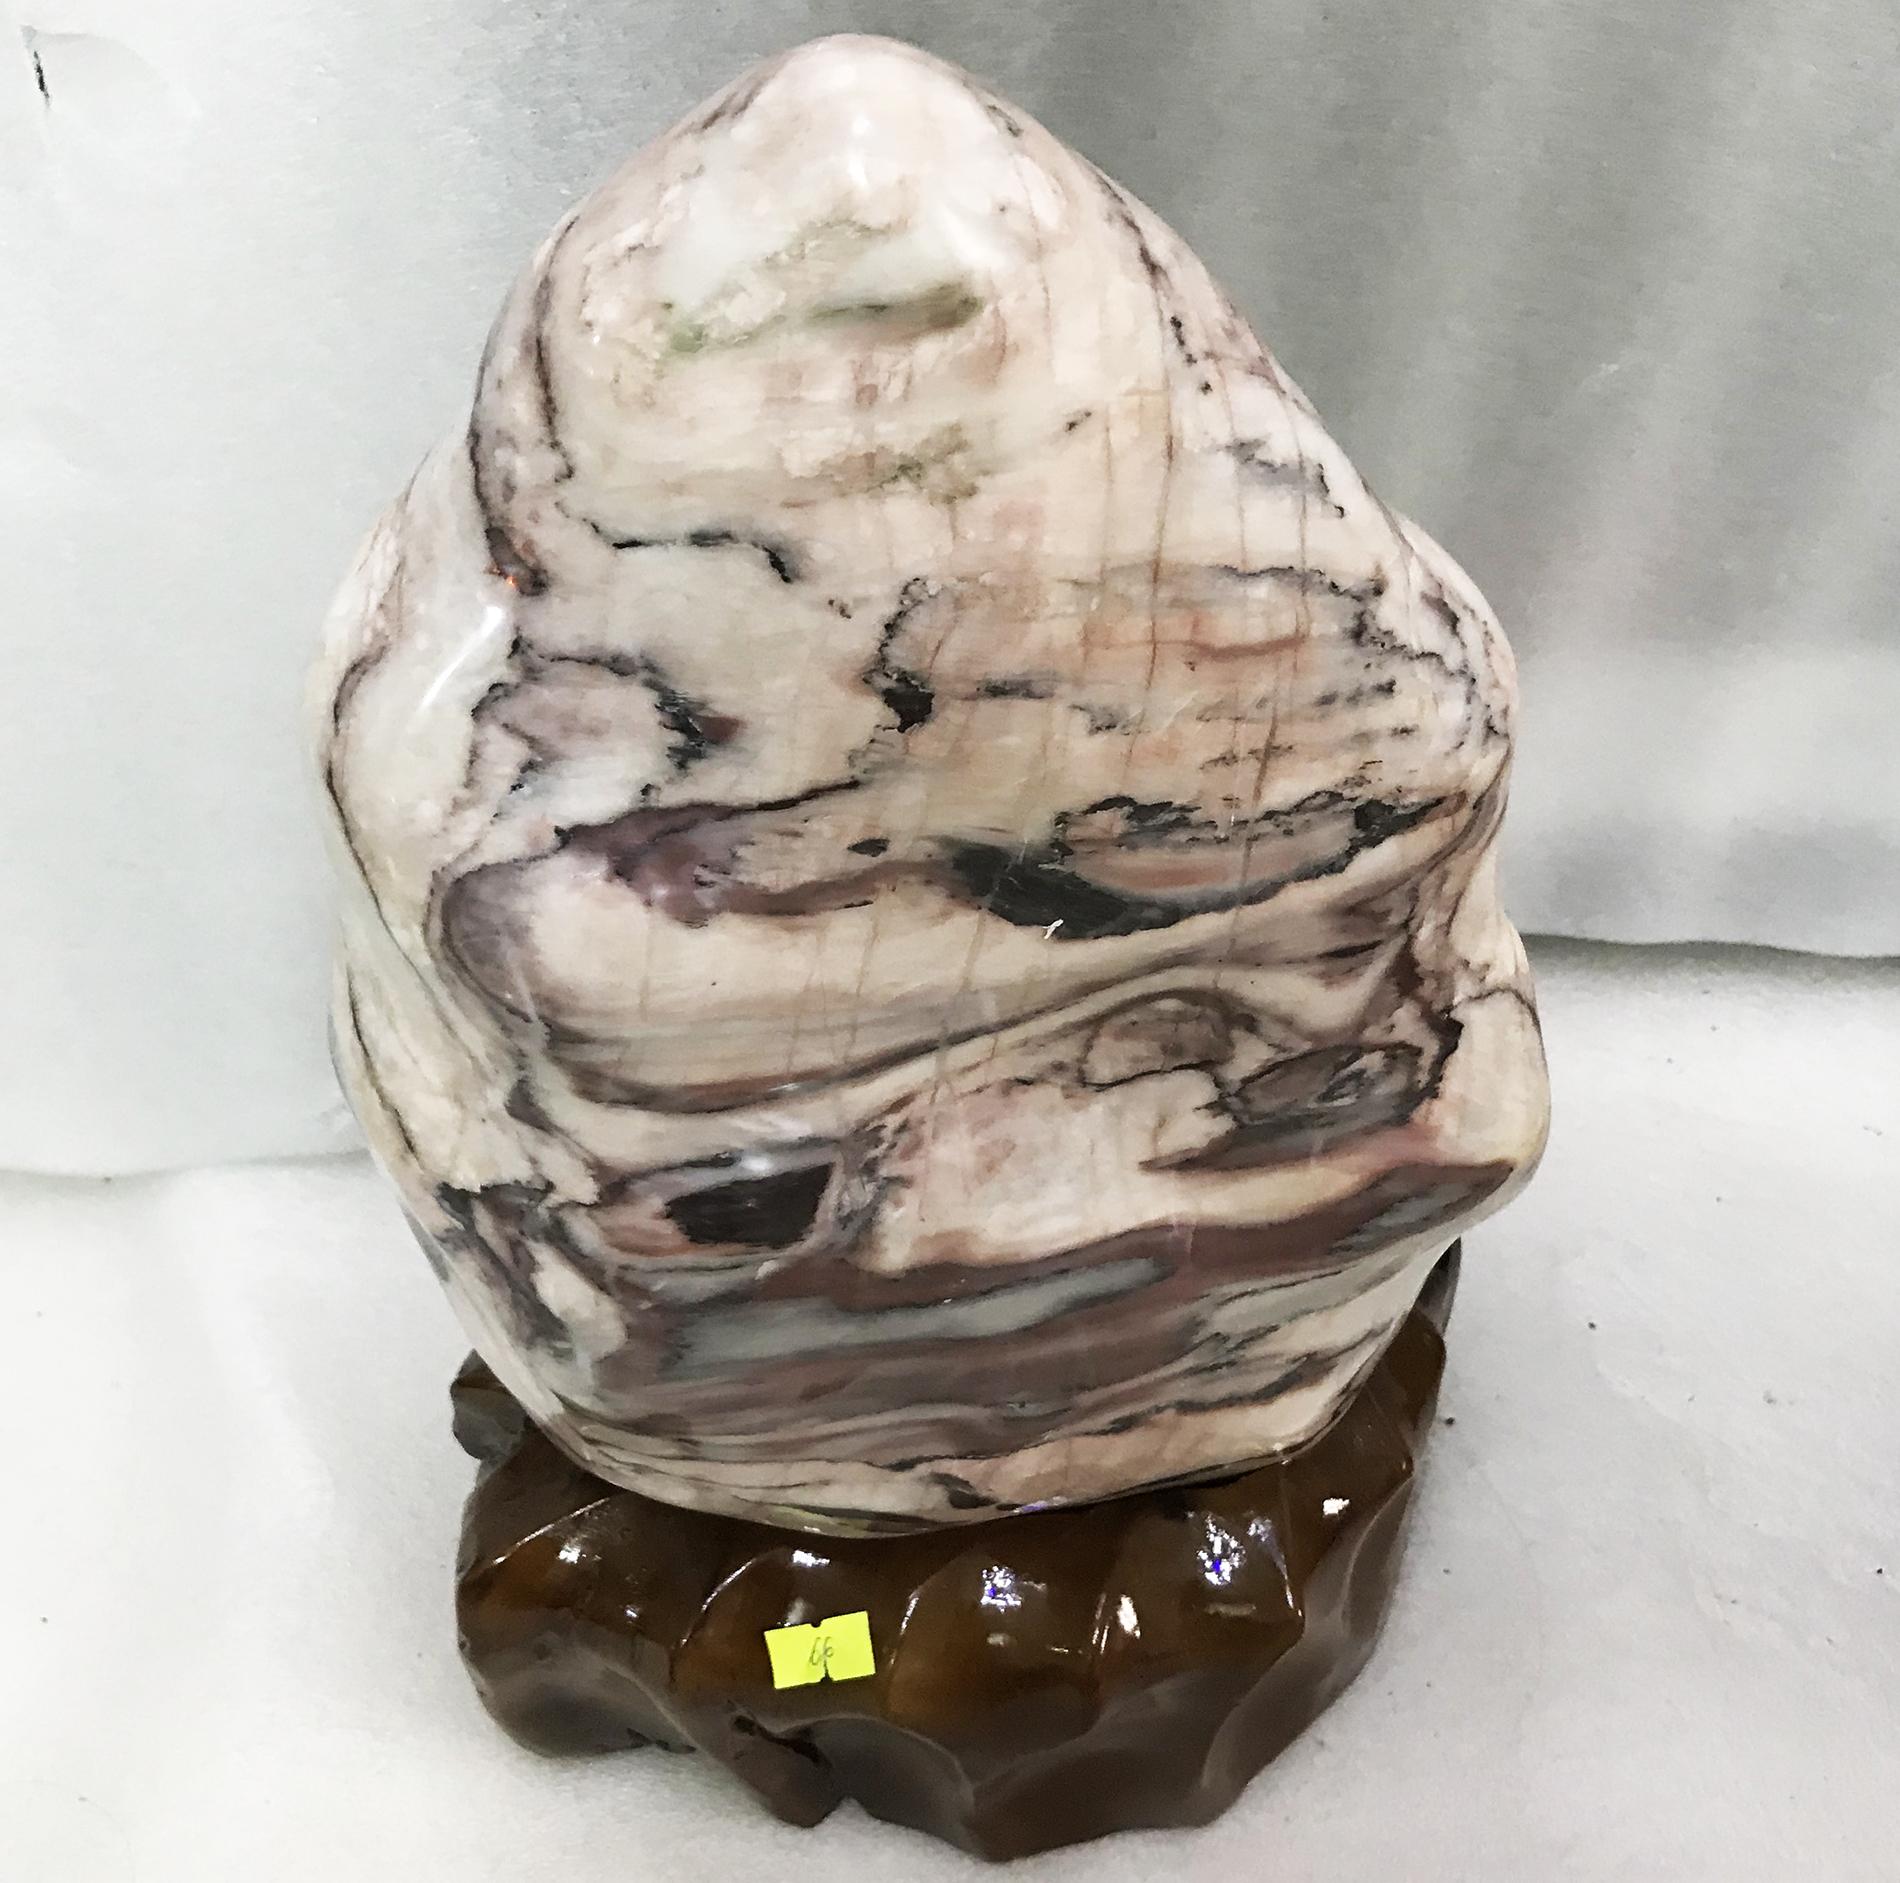 Cây đá tự nhiên để bàn màu hồng vân mây cao 42 cm, nặng hơn 10 kg  cho người mệnh Thổ và Hỏa